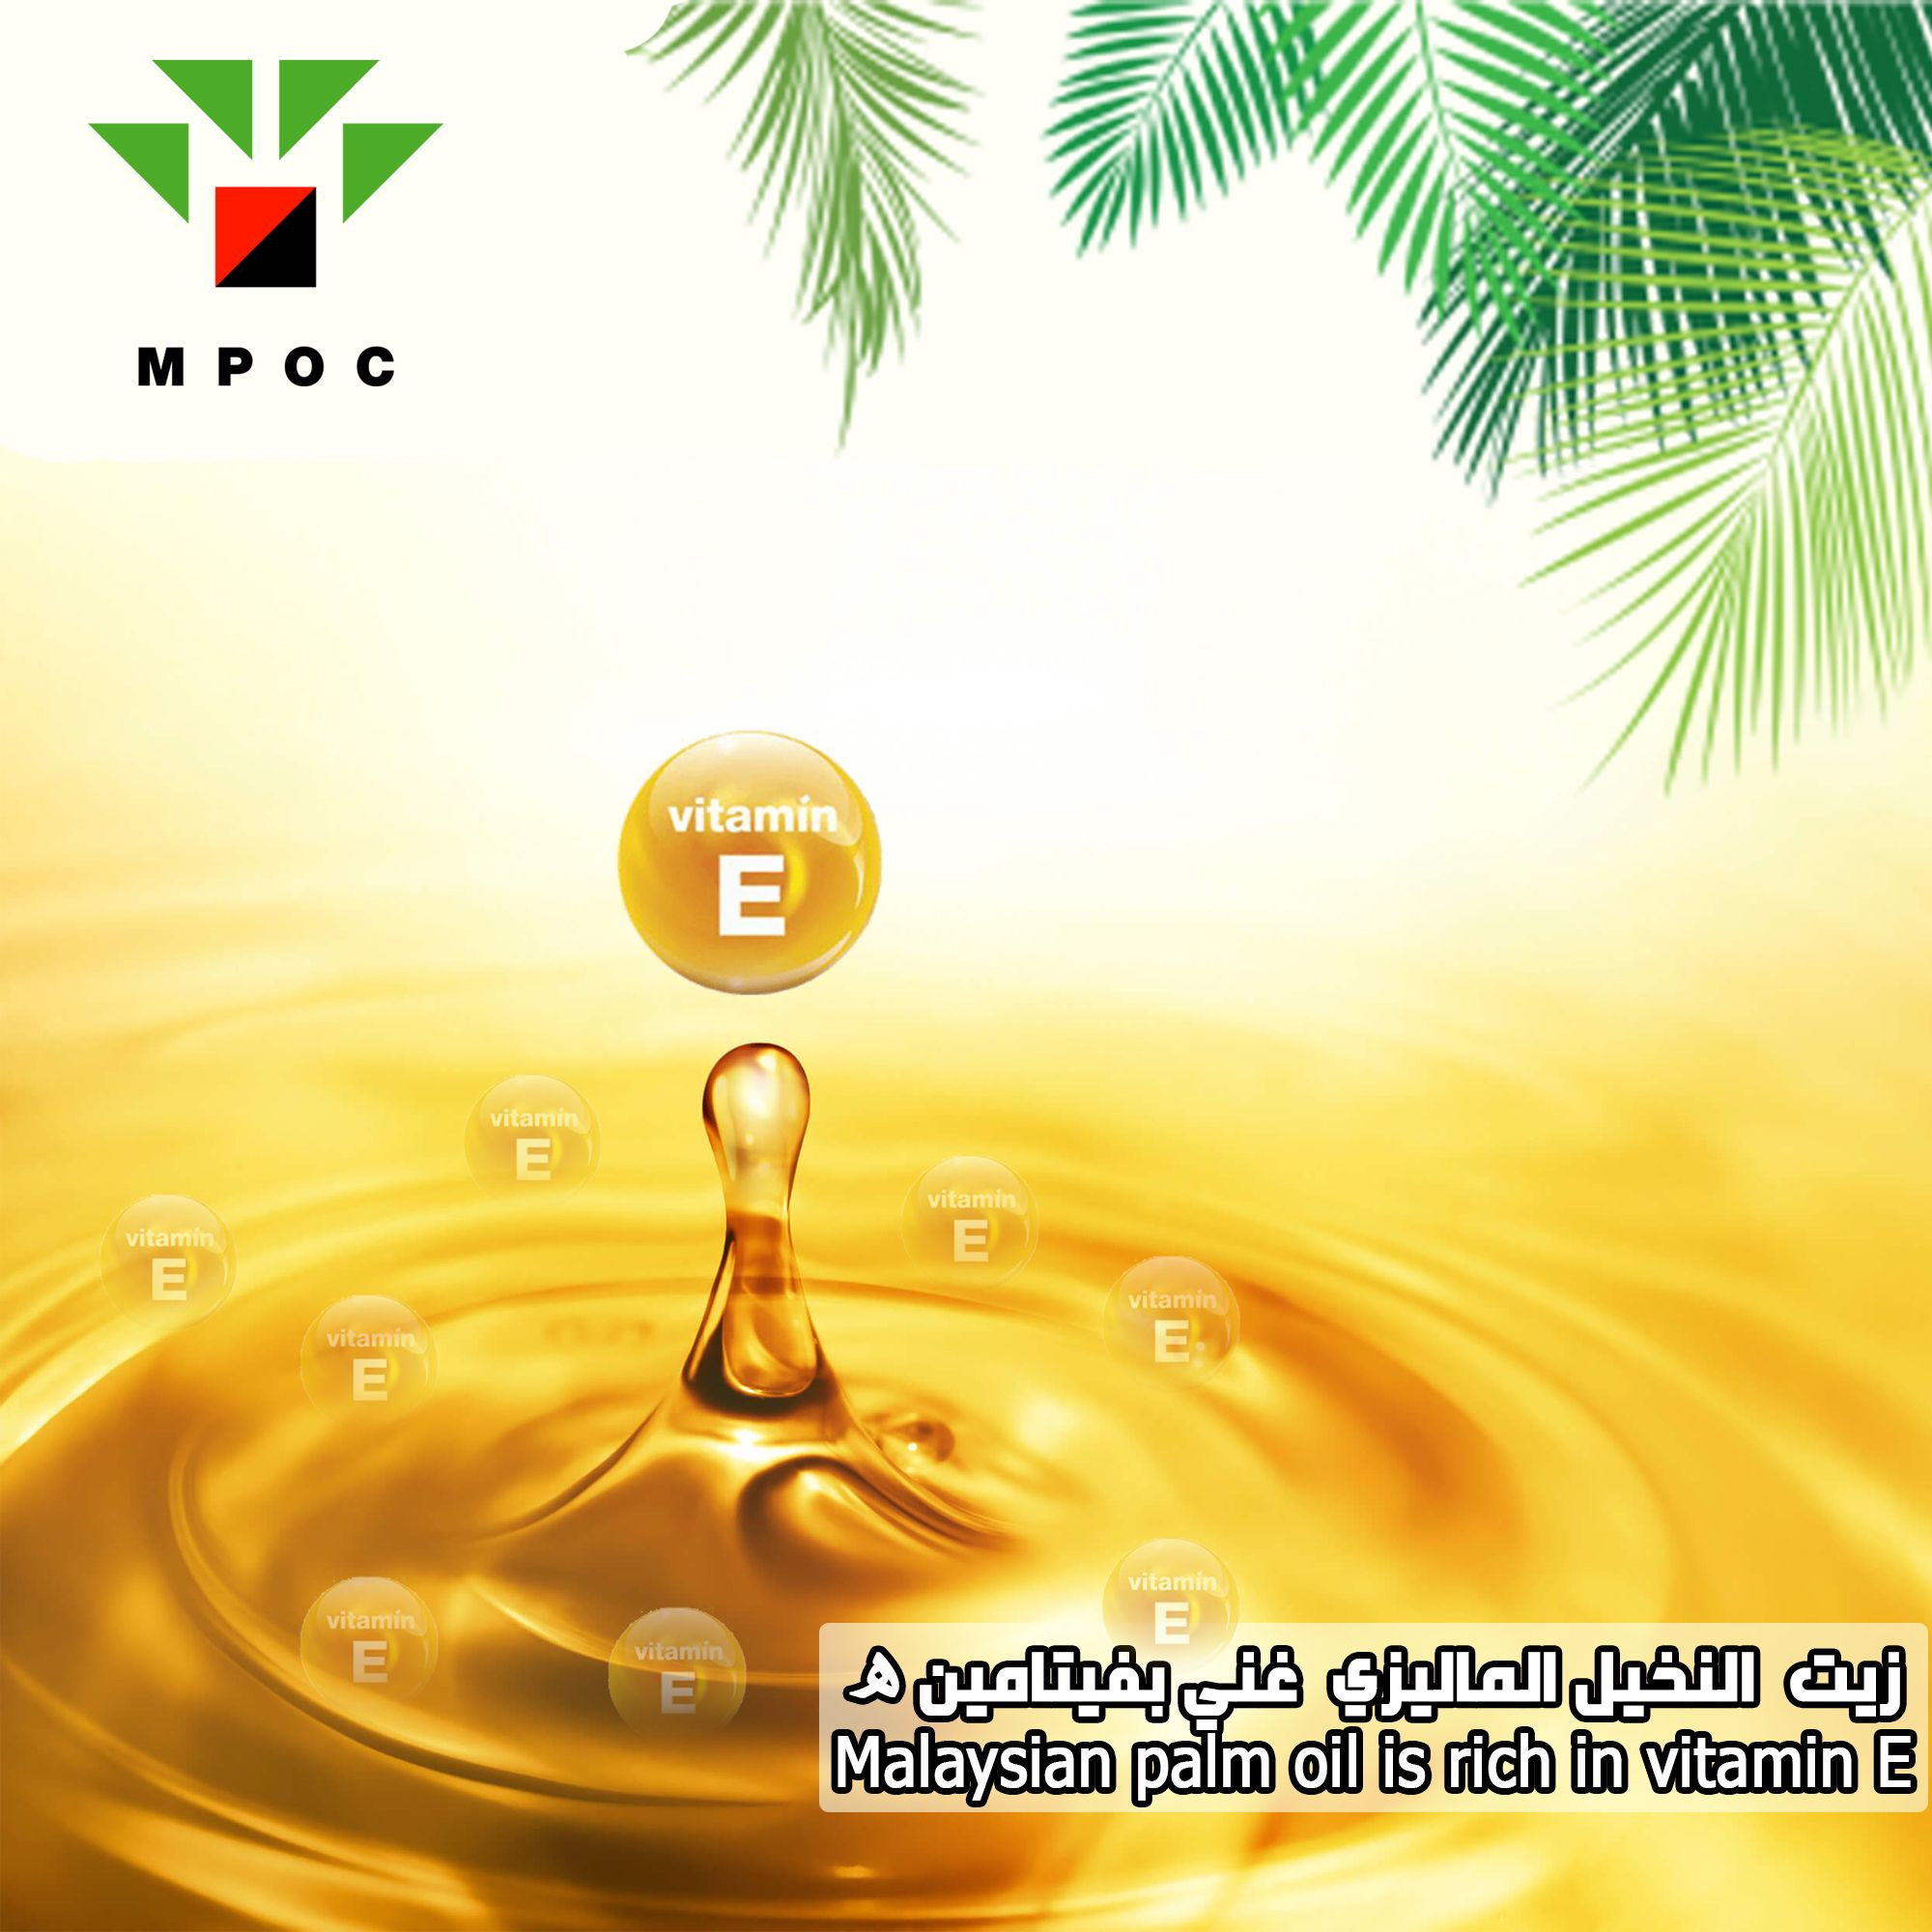 فوائد زيت النخيل الماليزي Palm Oil Oils Facebook Sign Up